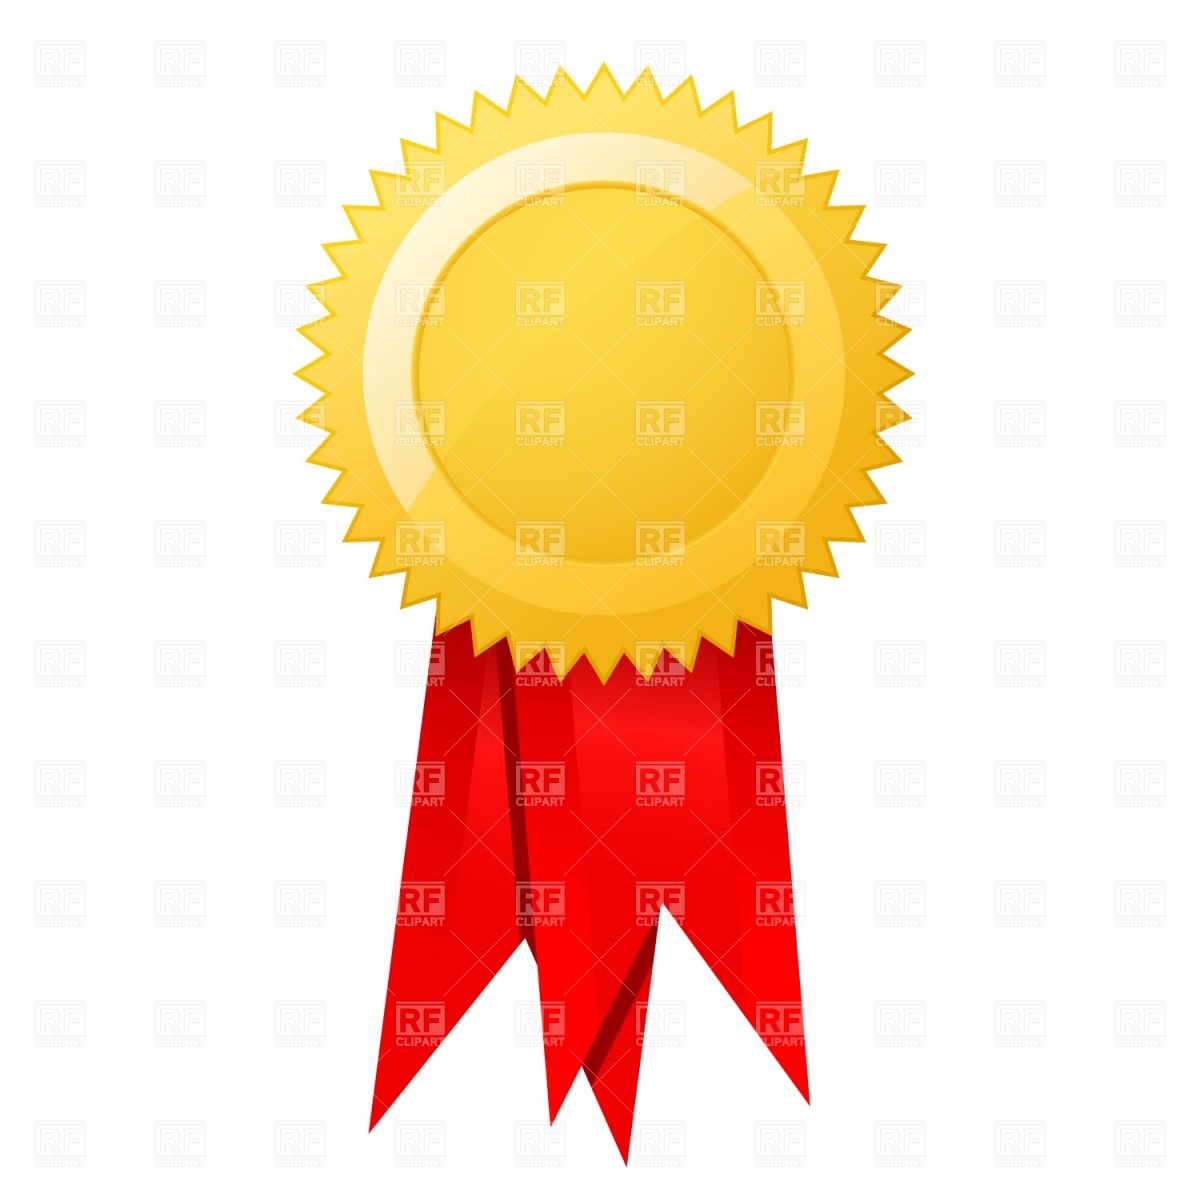 Red ribbon award clipart png royalty free library Certificate ribbons clipart - ClipartFest png royalty free library